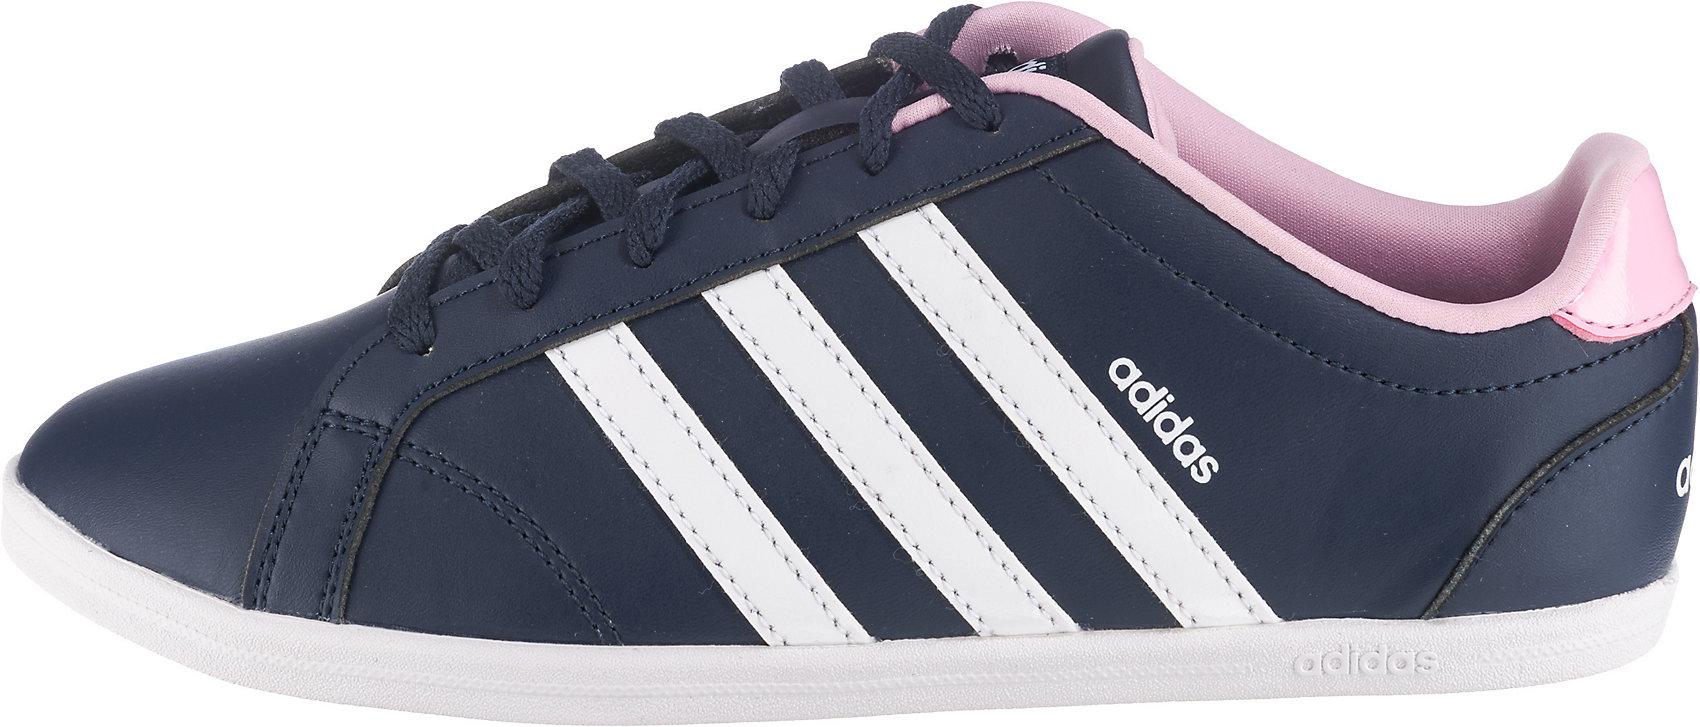 Finden Sie, was Sie brauchen adidas Sport Inspired Coneo Qt